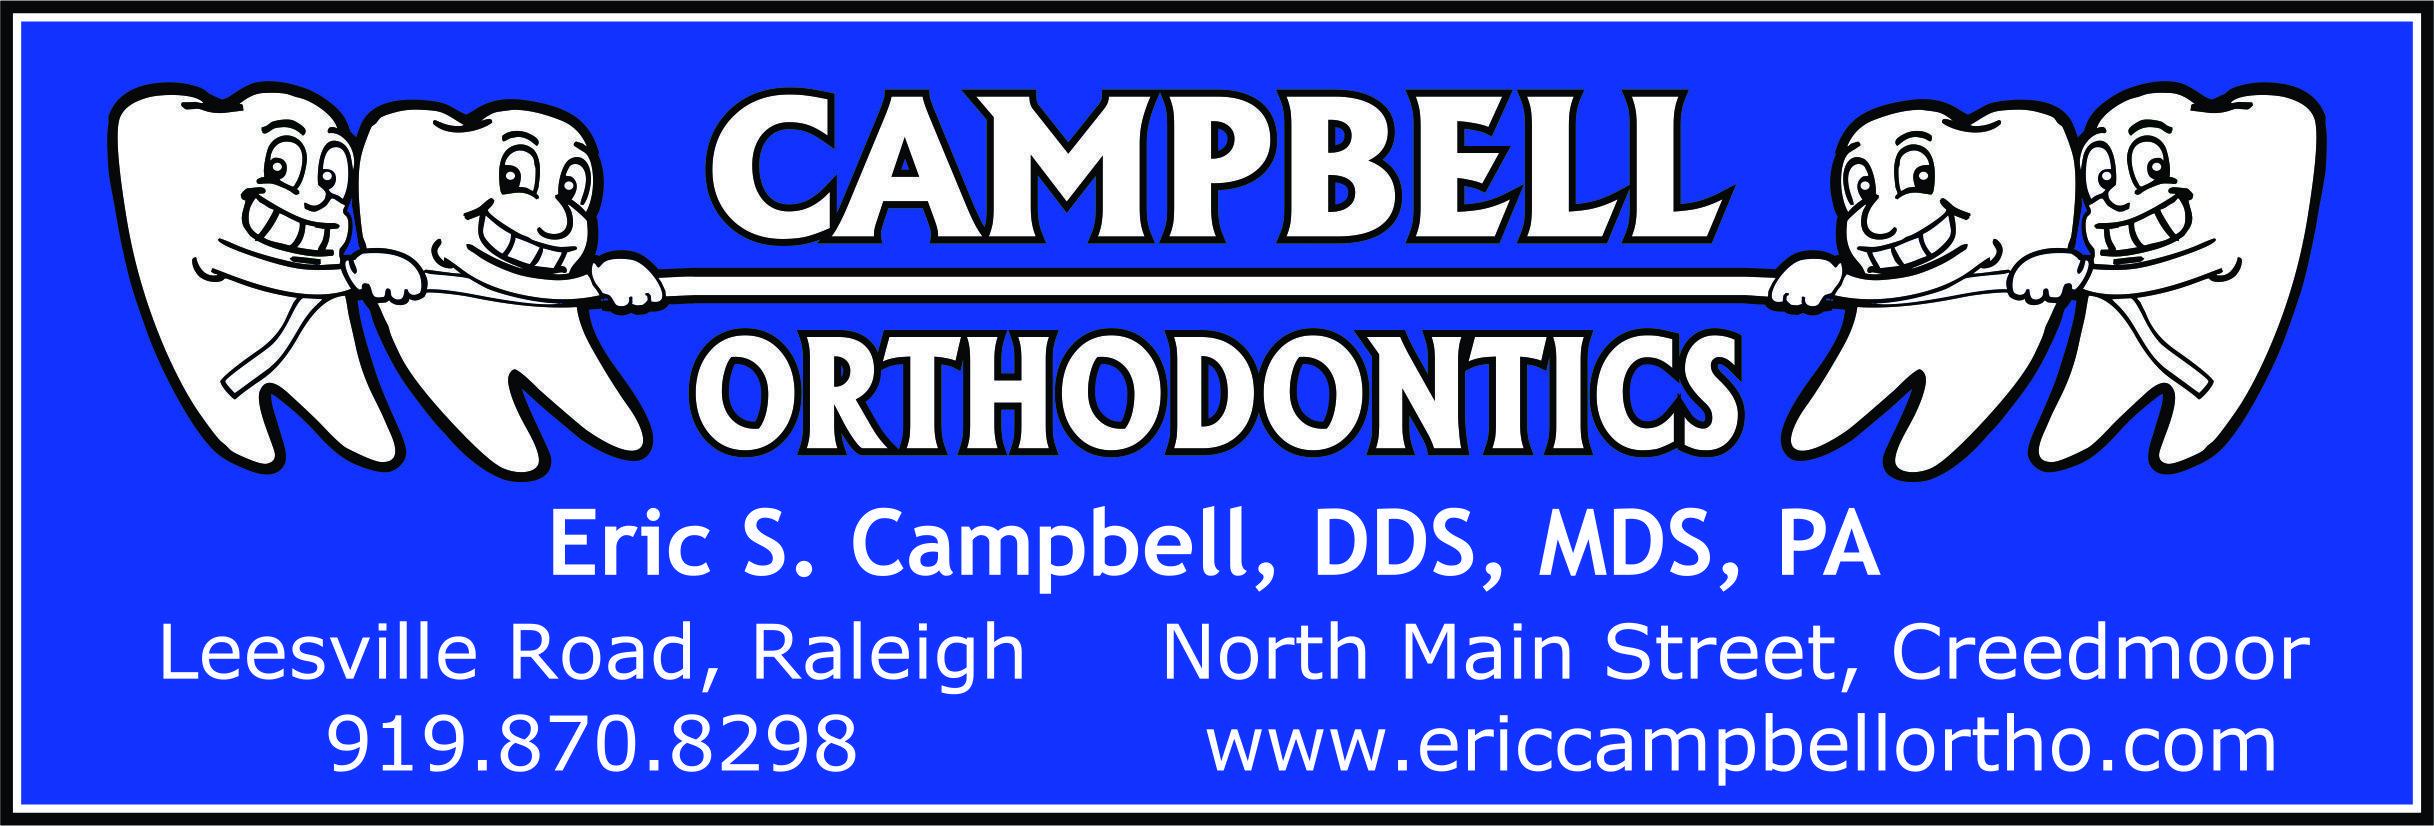 Campbelllogo